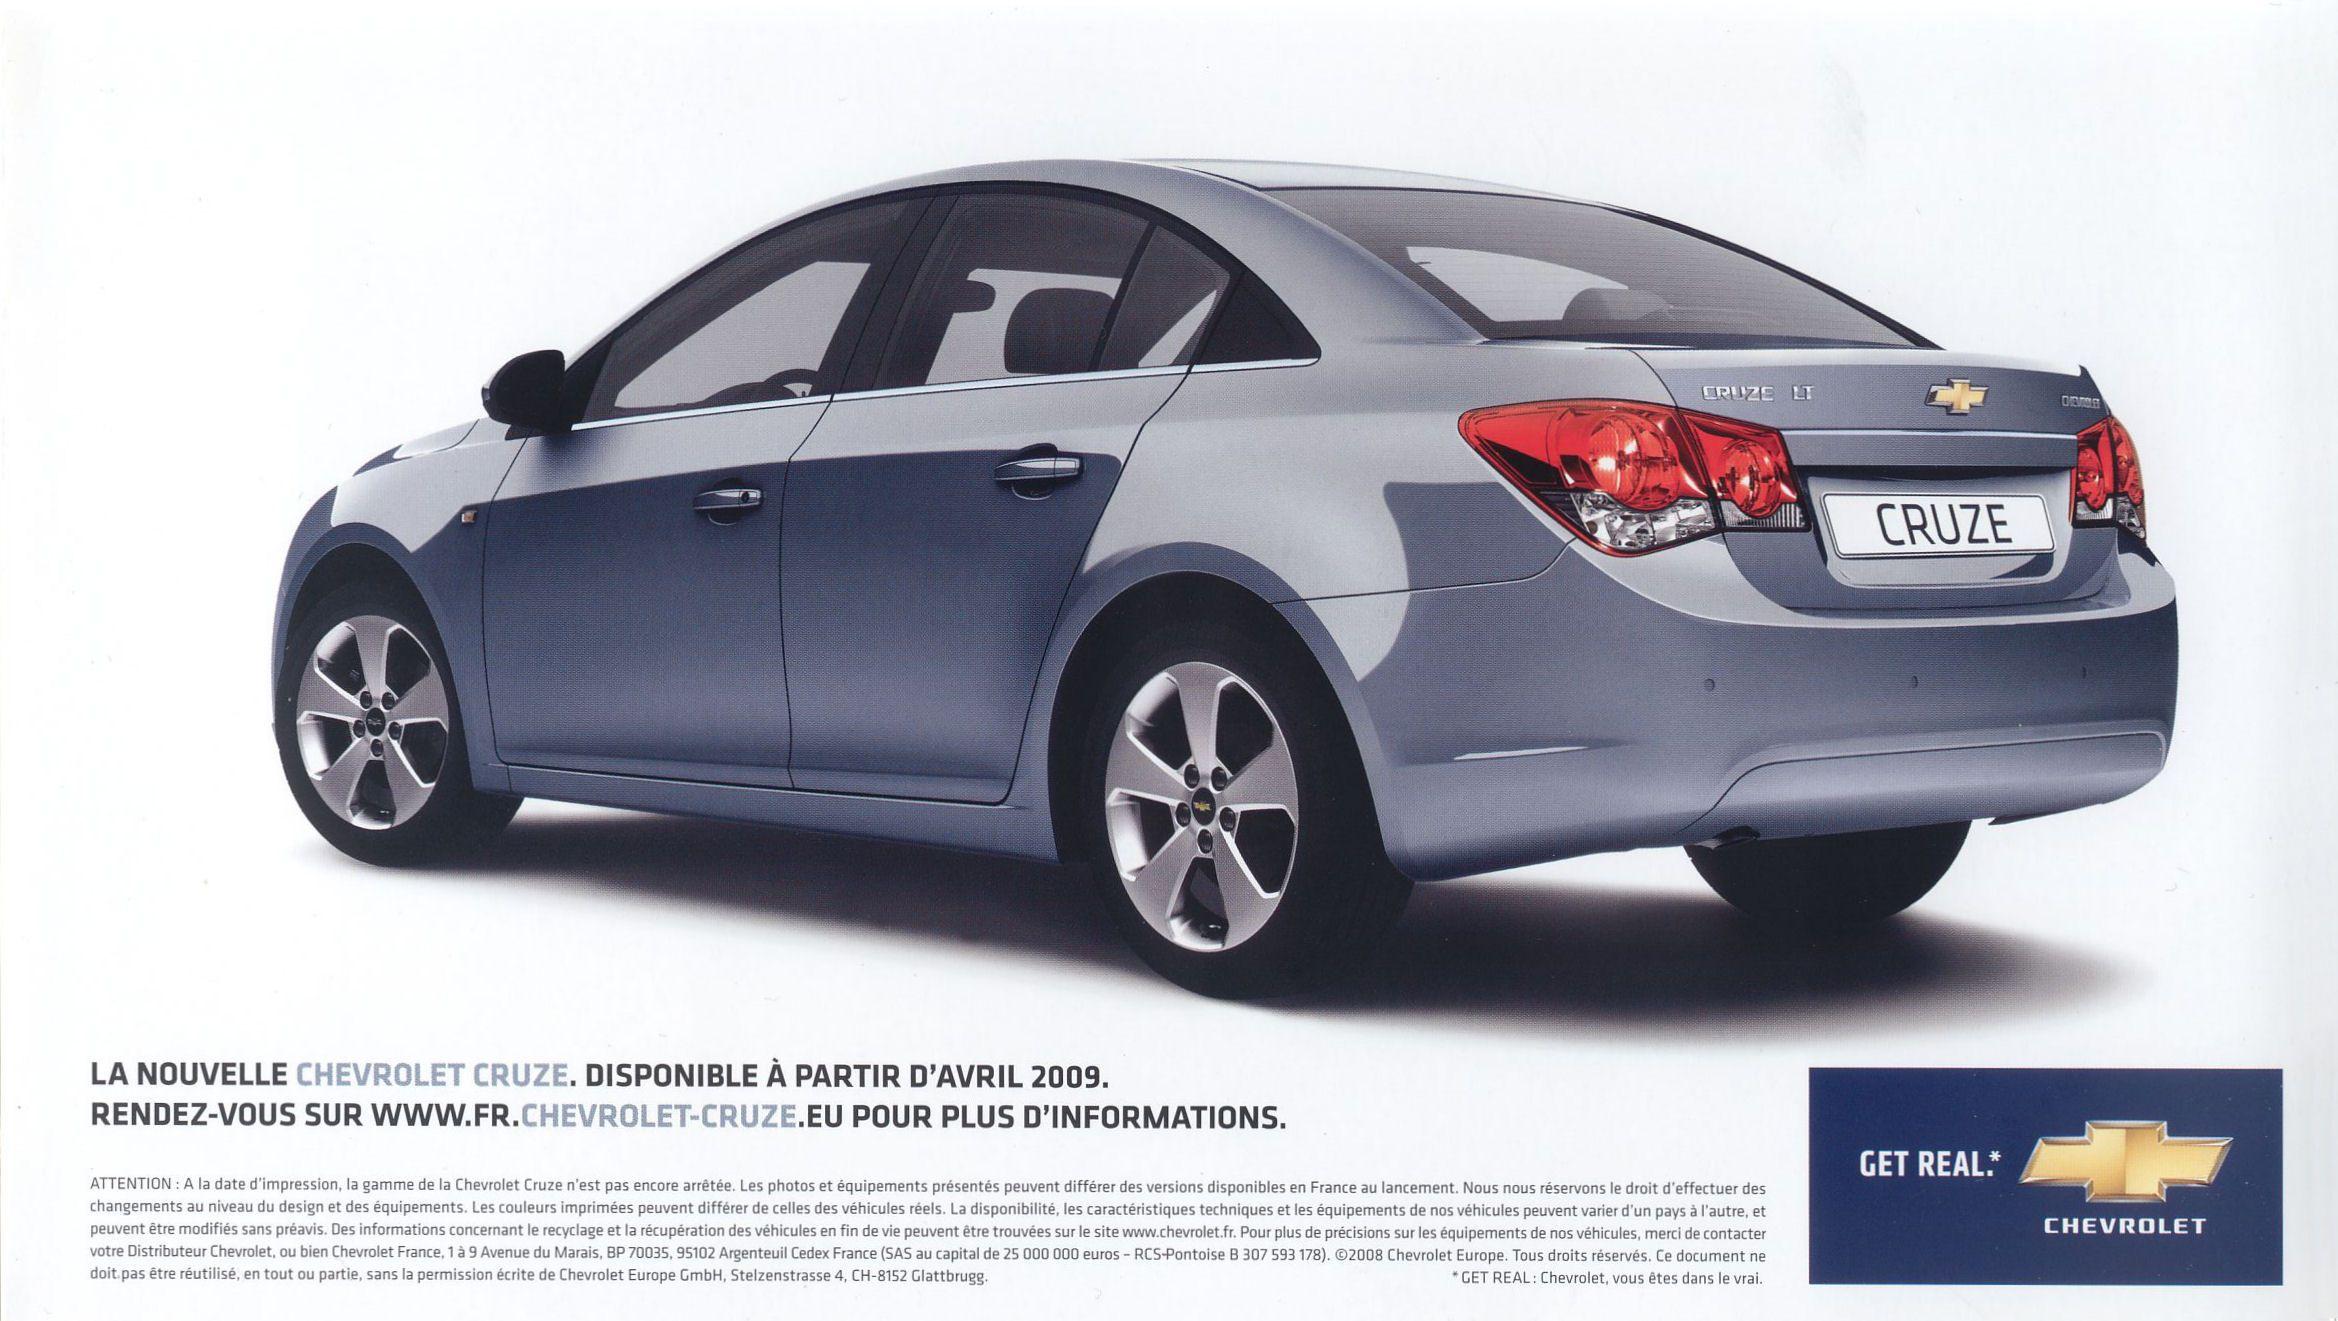 2008 Chevrolet Cruze Brochure